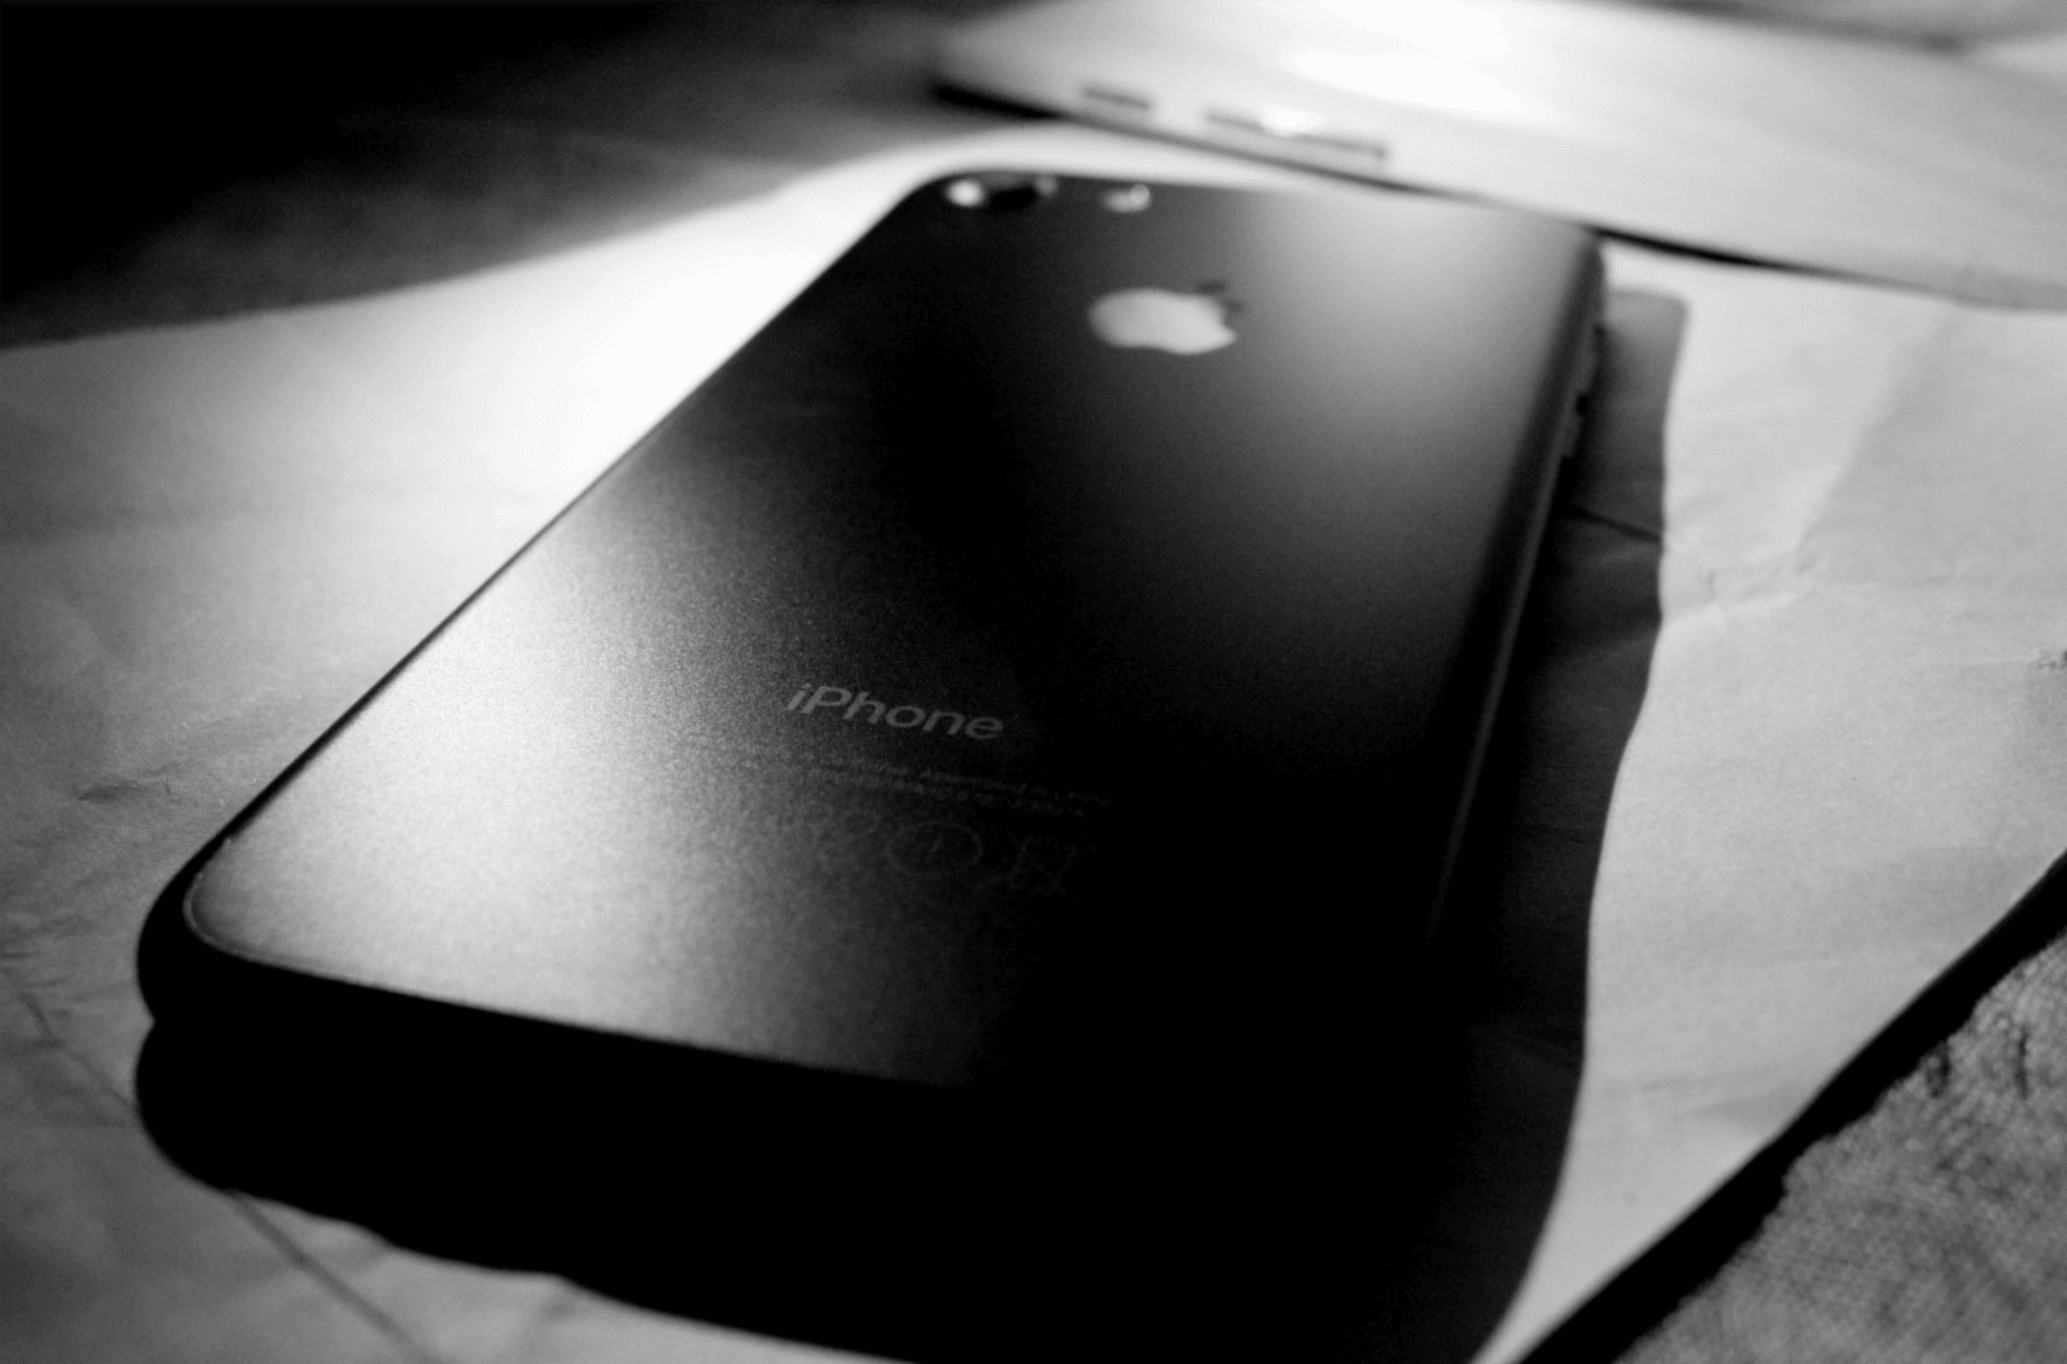 Jeden z głównych architektów Apple, projektujących procesory dla iPhone'ów, odchodzi z firmy po 9 latach 19